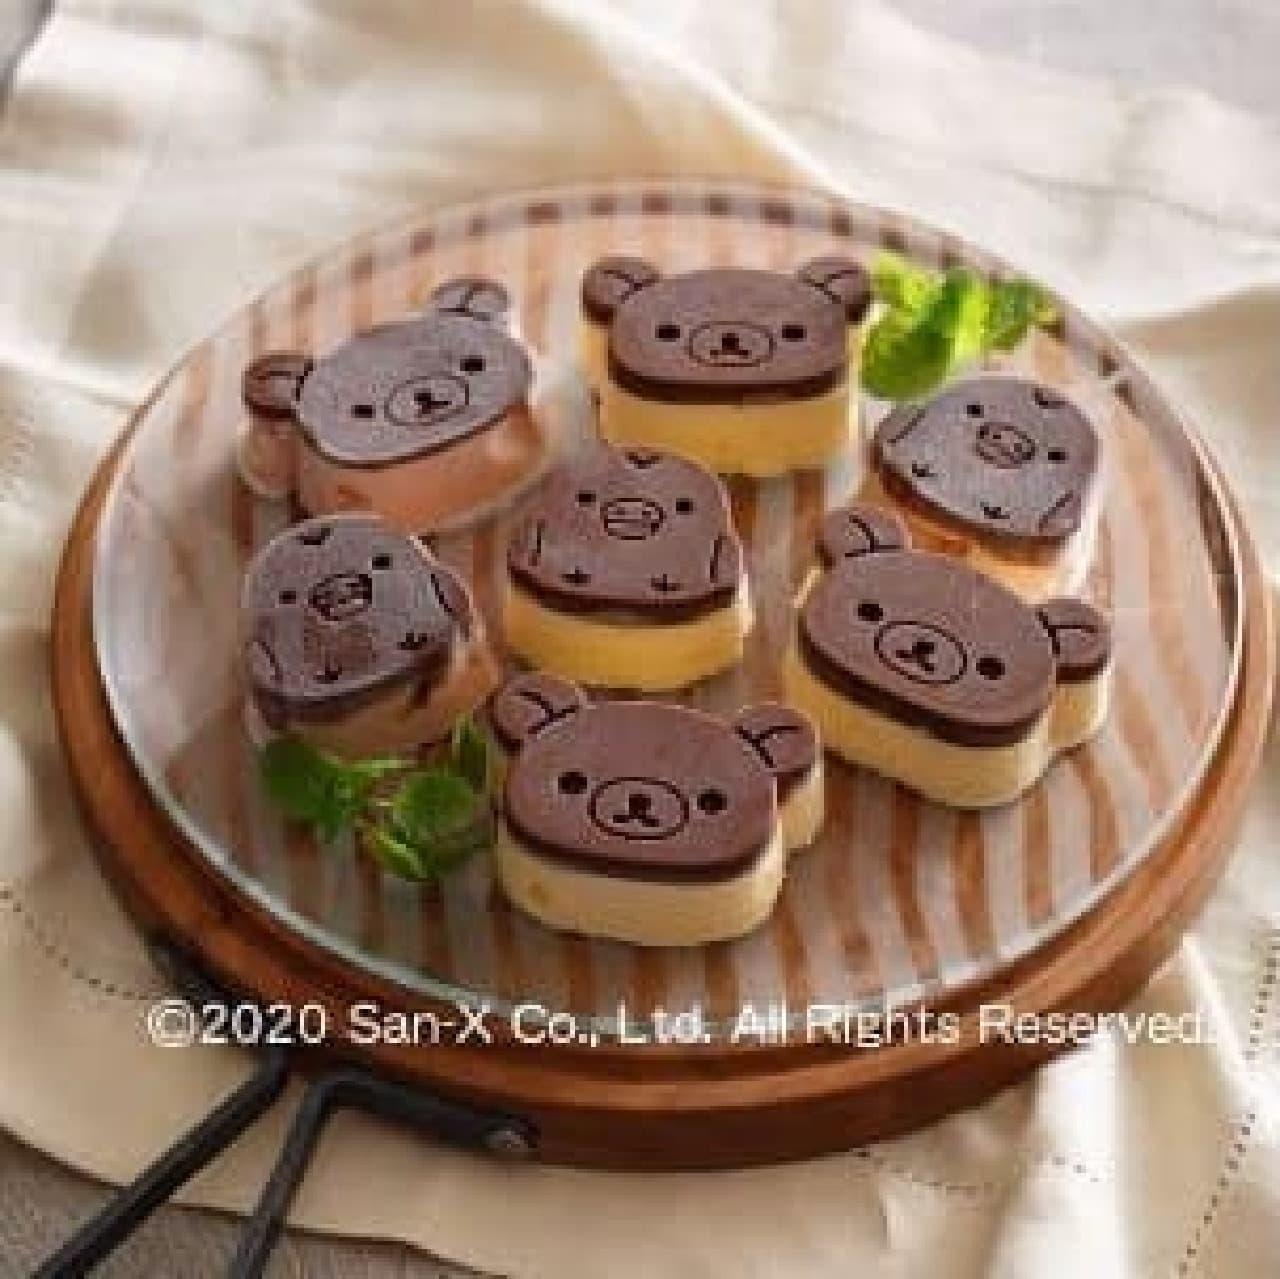 リラックマの製菓用品がヴィレヴァンに -- 可愛いだっこクッキー型やカップケーキ型など